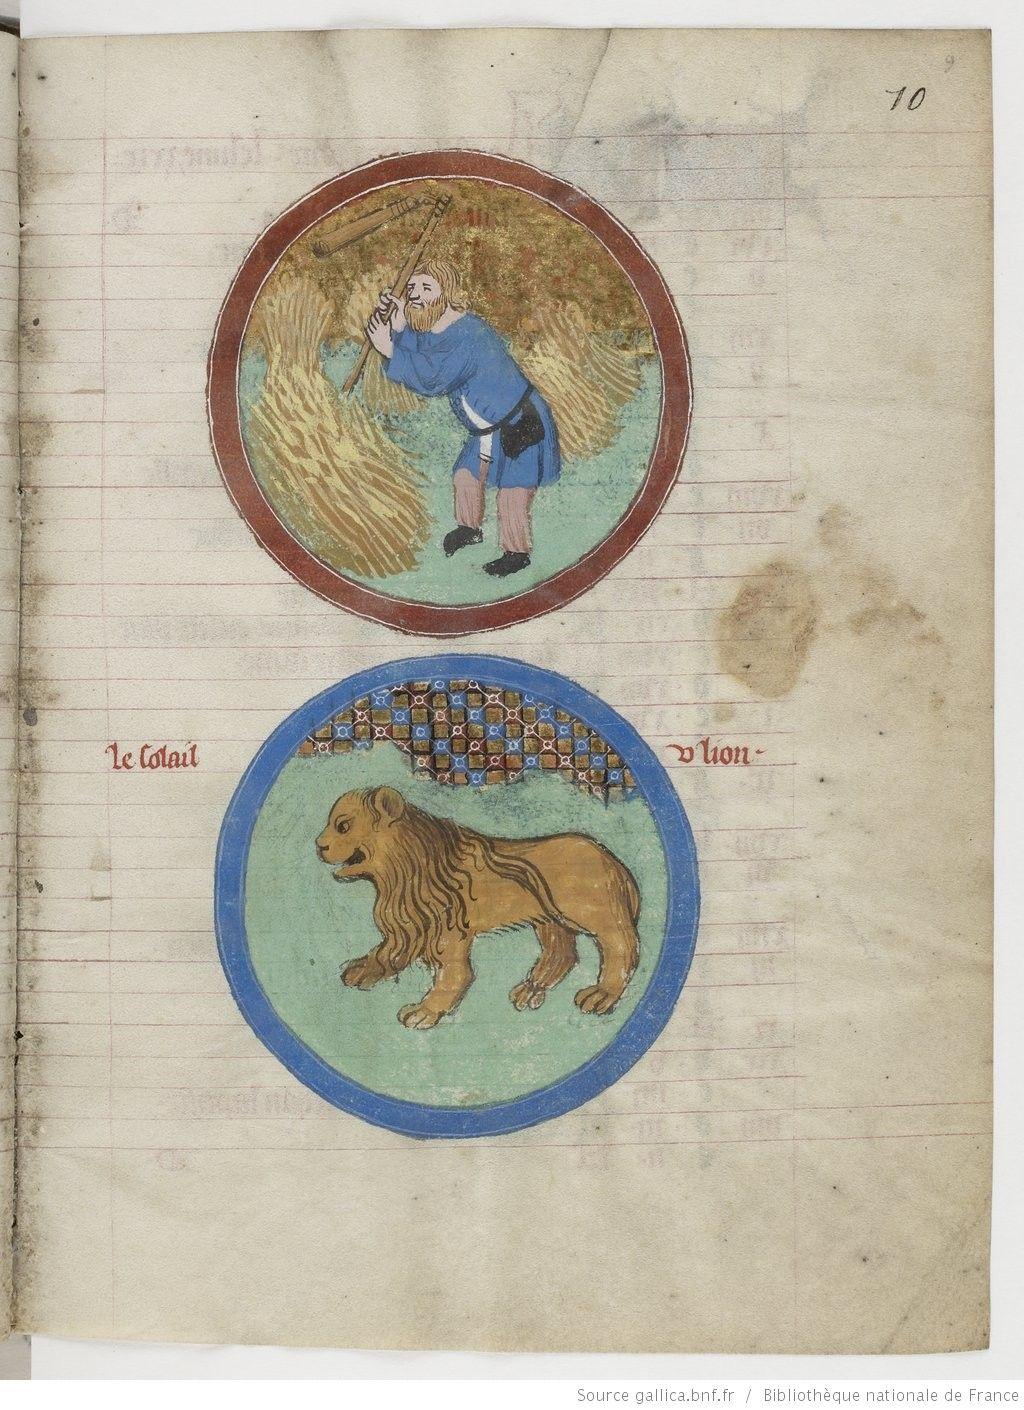 July - Psautier latin-français, 14th century - Bibliothèque nationale de France, Département des manuscrits, NAF 4600